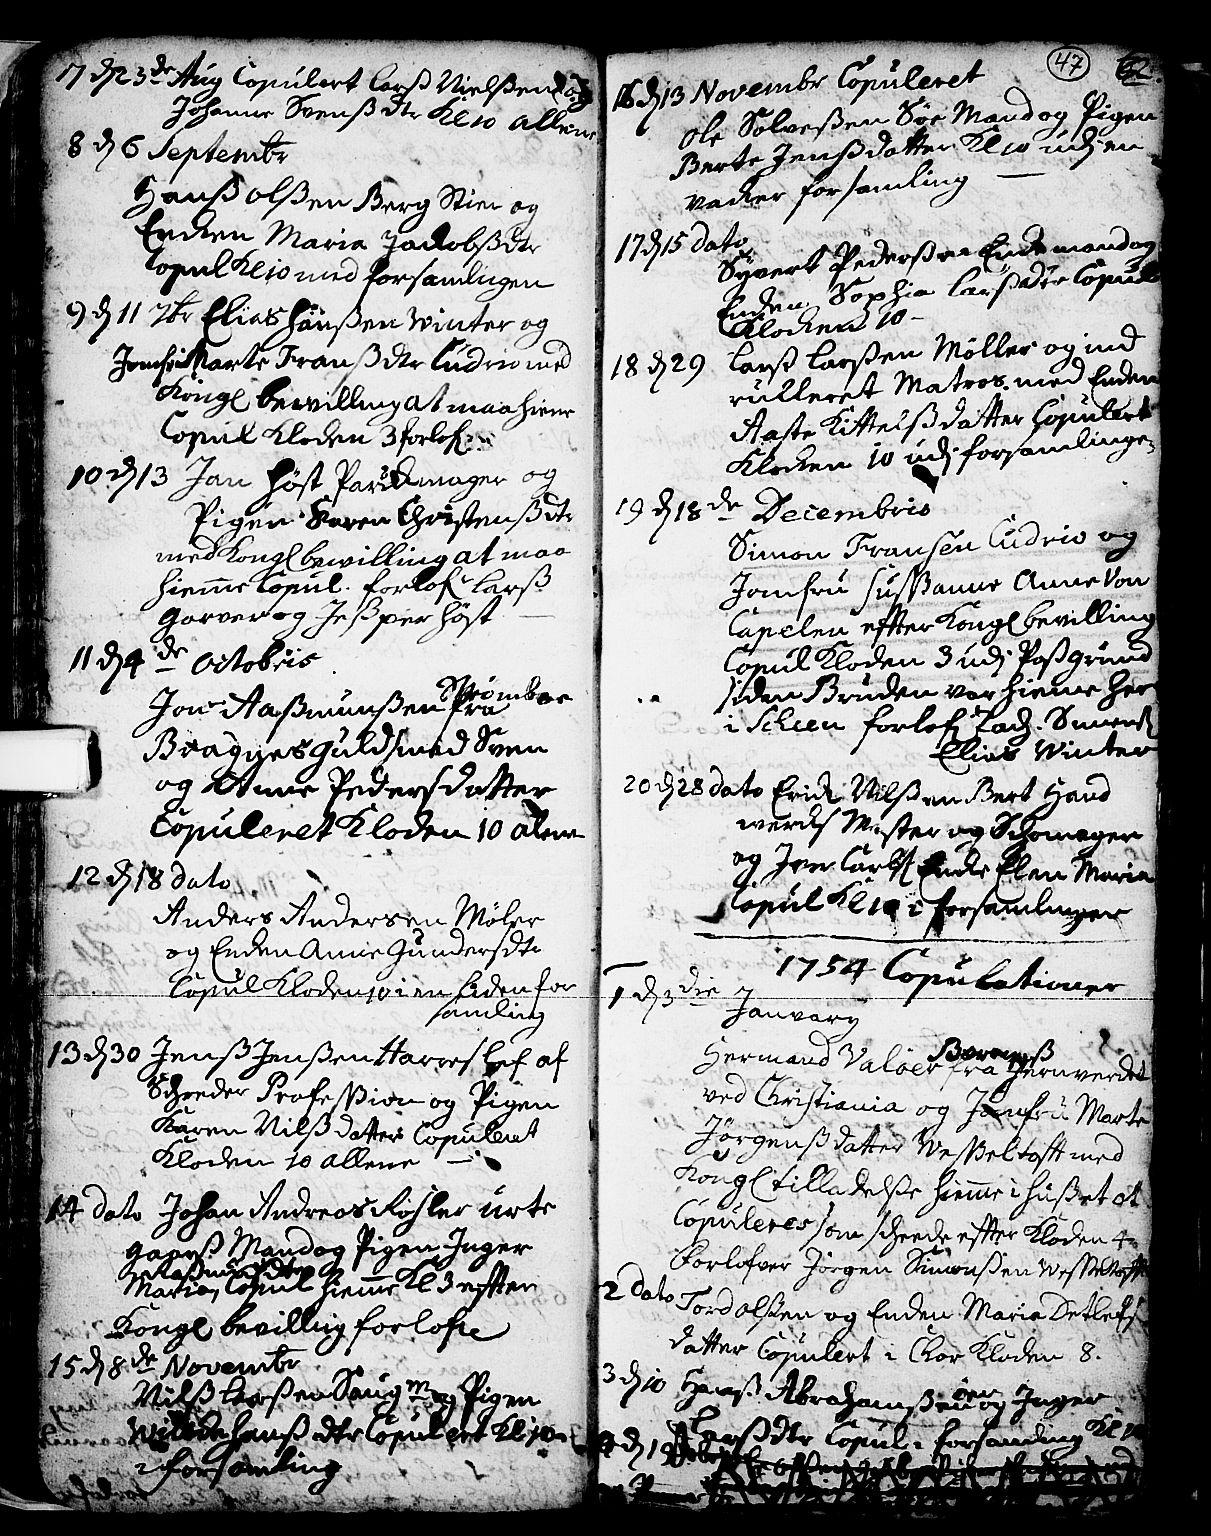 SAKO, Skien kirkebøker, F/Fa/L0002: Ministerialbok nr. 2, 1716-1757, s. 47